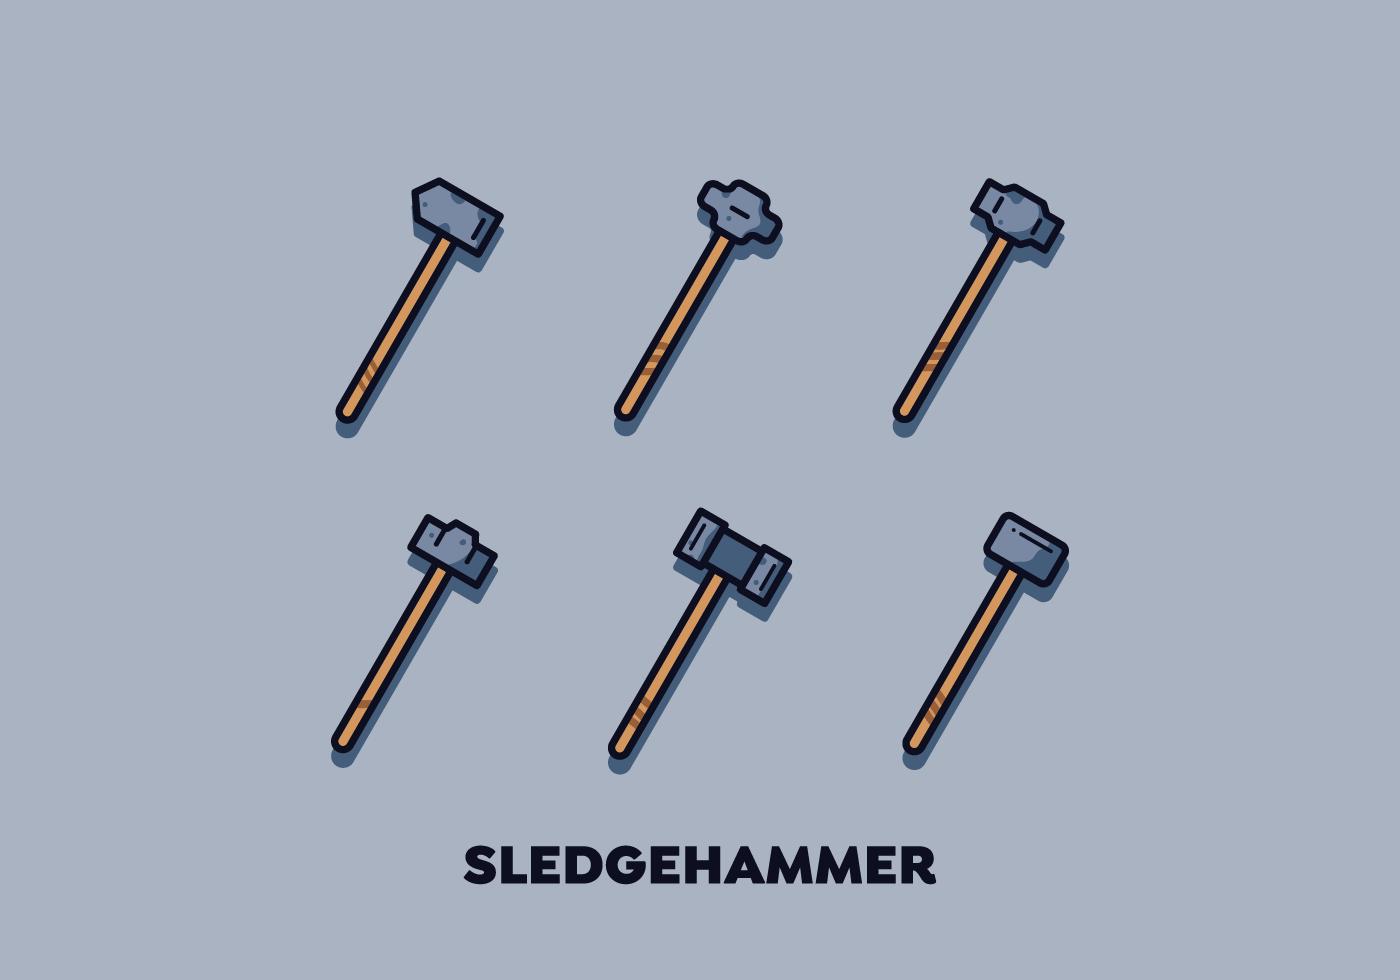 Free Sledgehammer Vector - Download Free Vector Art, Stock ...